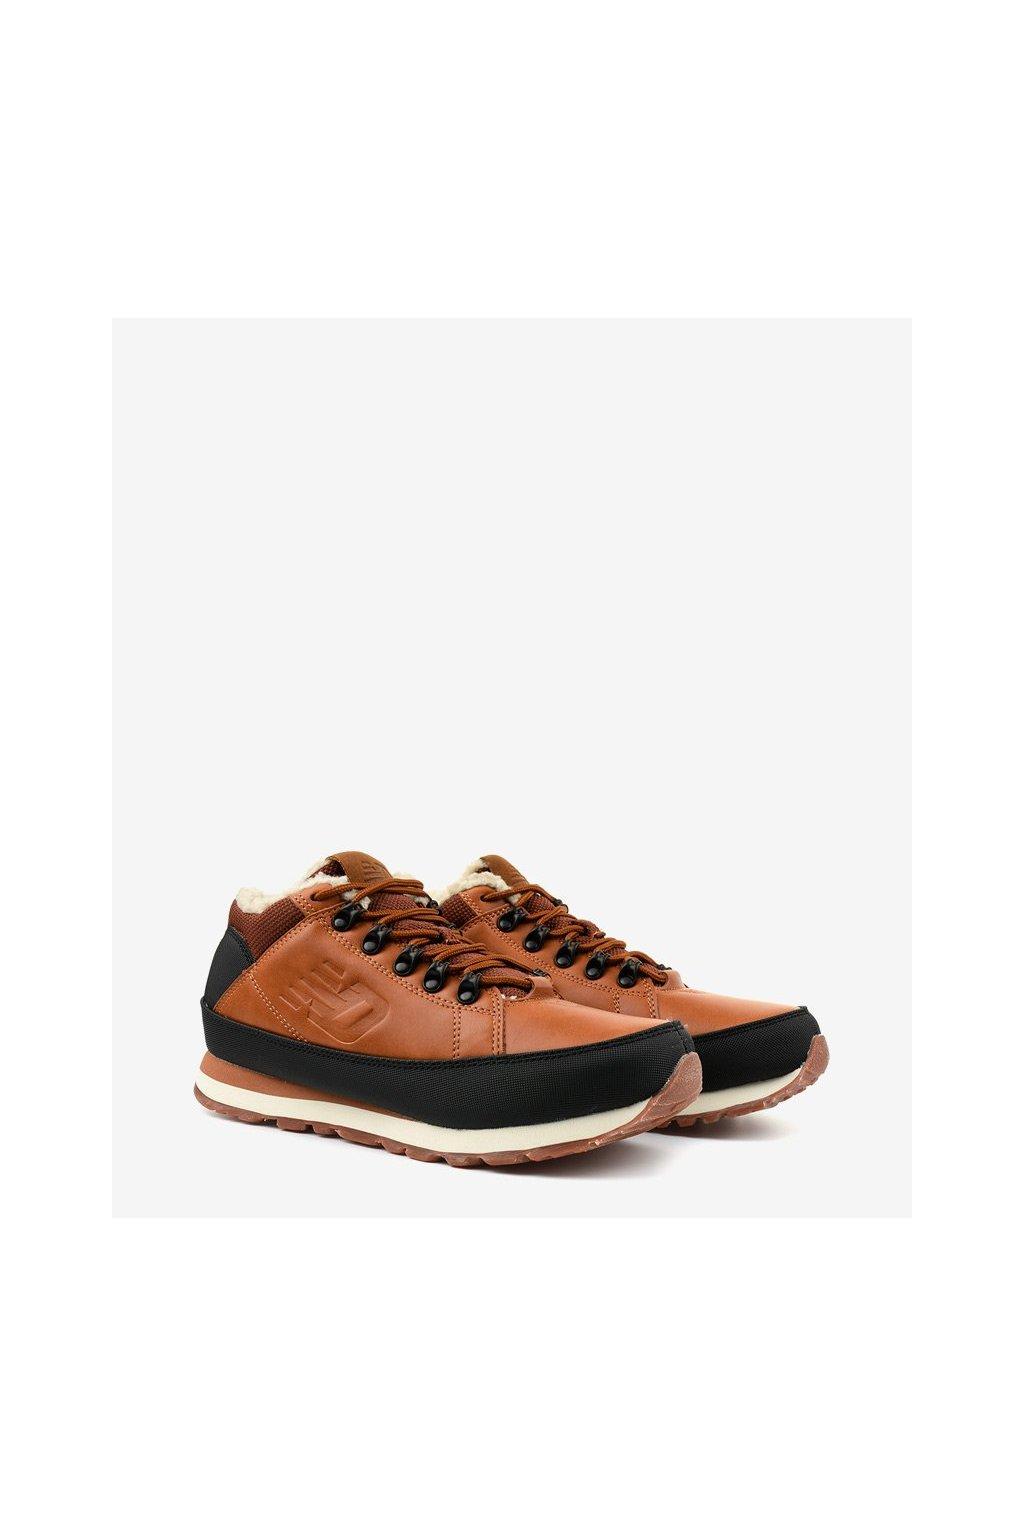 Pánske topánky tenisky hnedé kód - GM